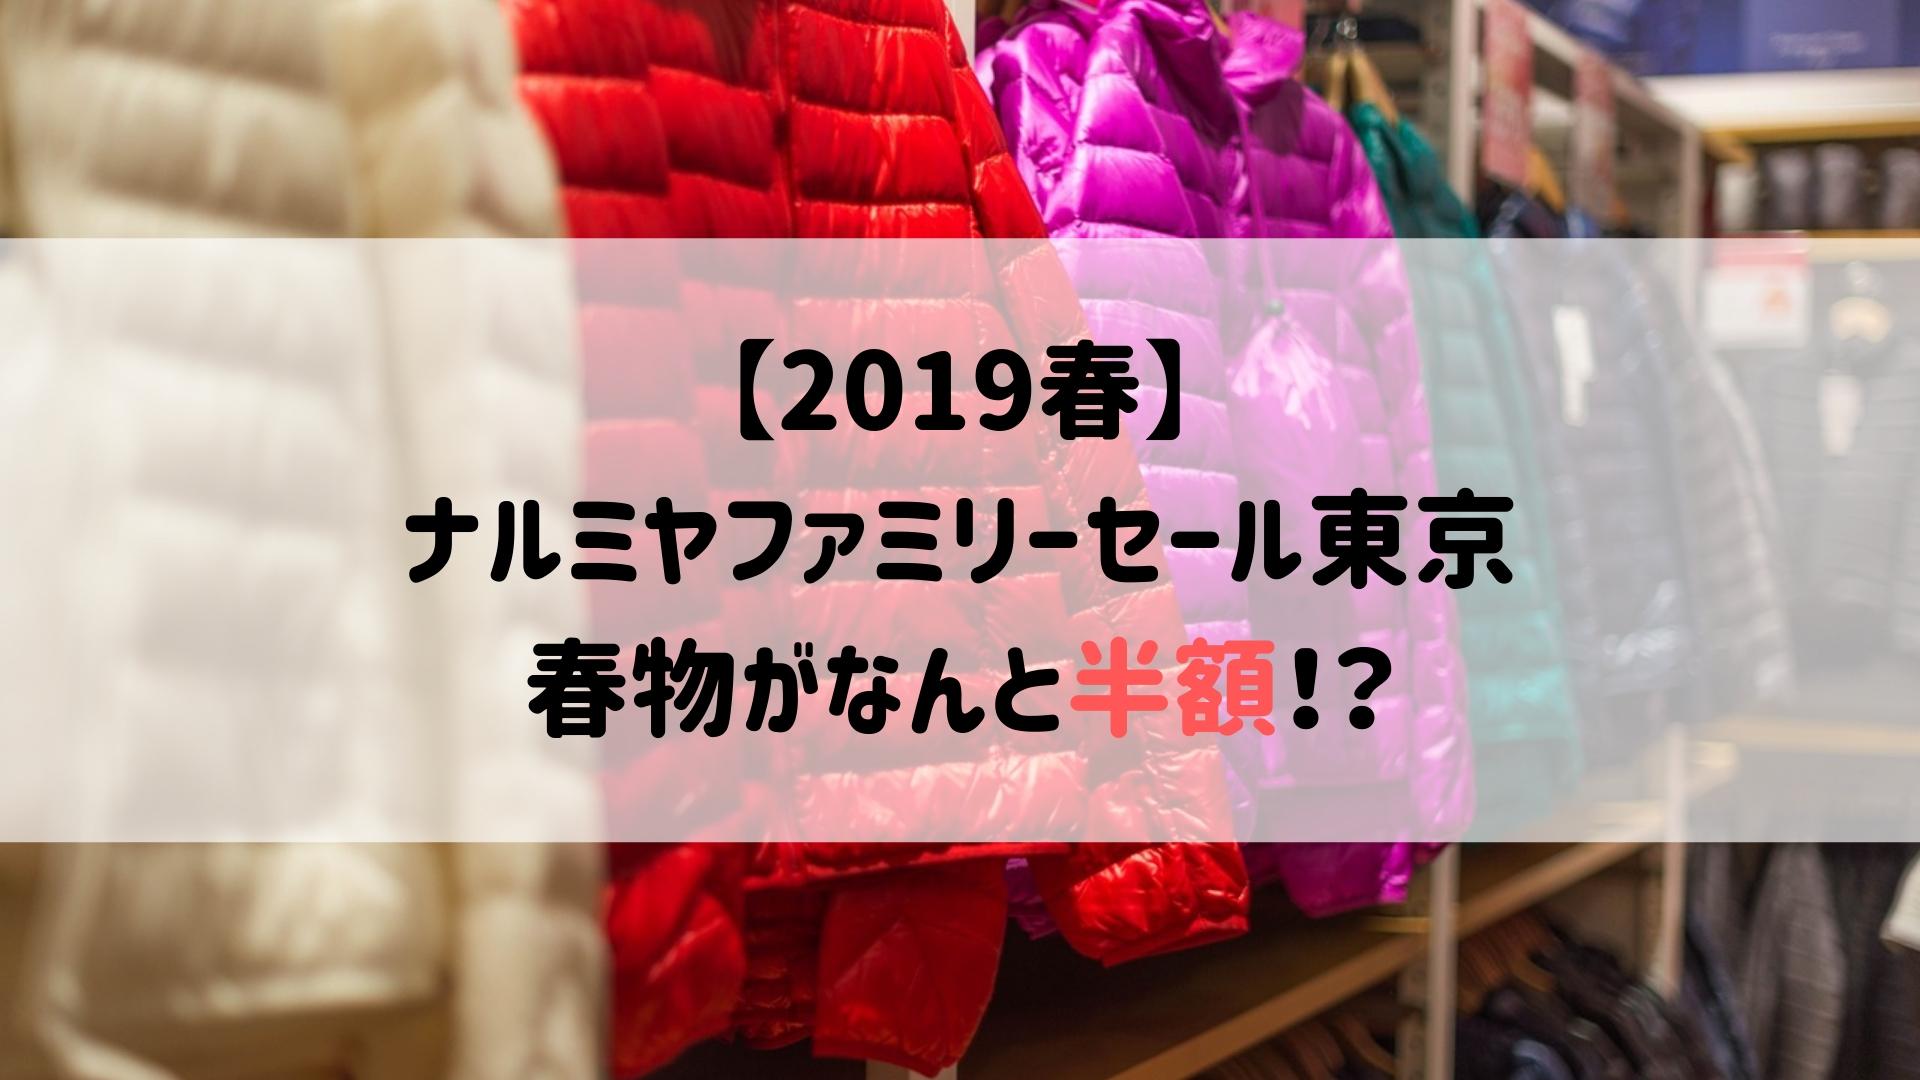 【2019春】 ナルミヤファミリーセール東京 春物がなんと半額!?